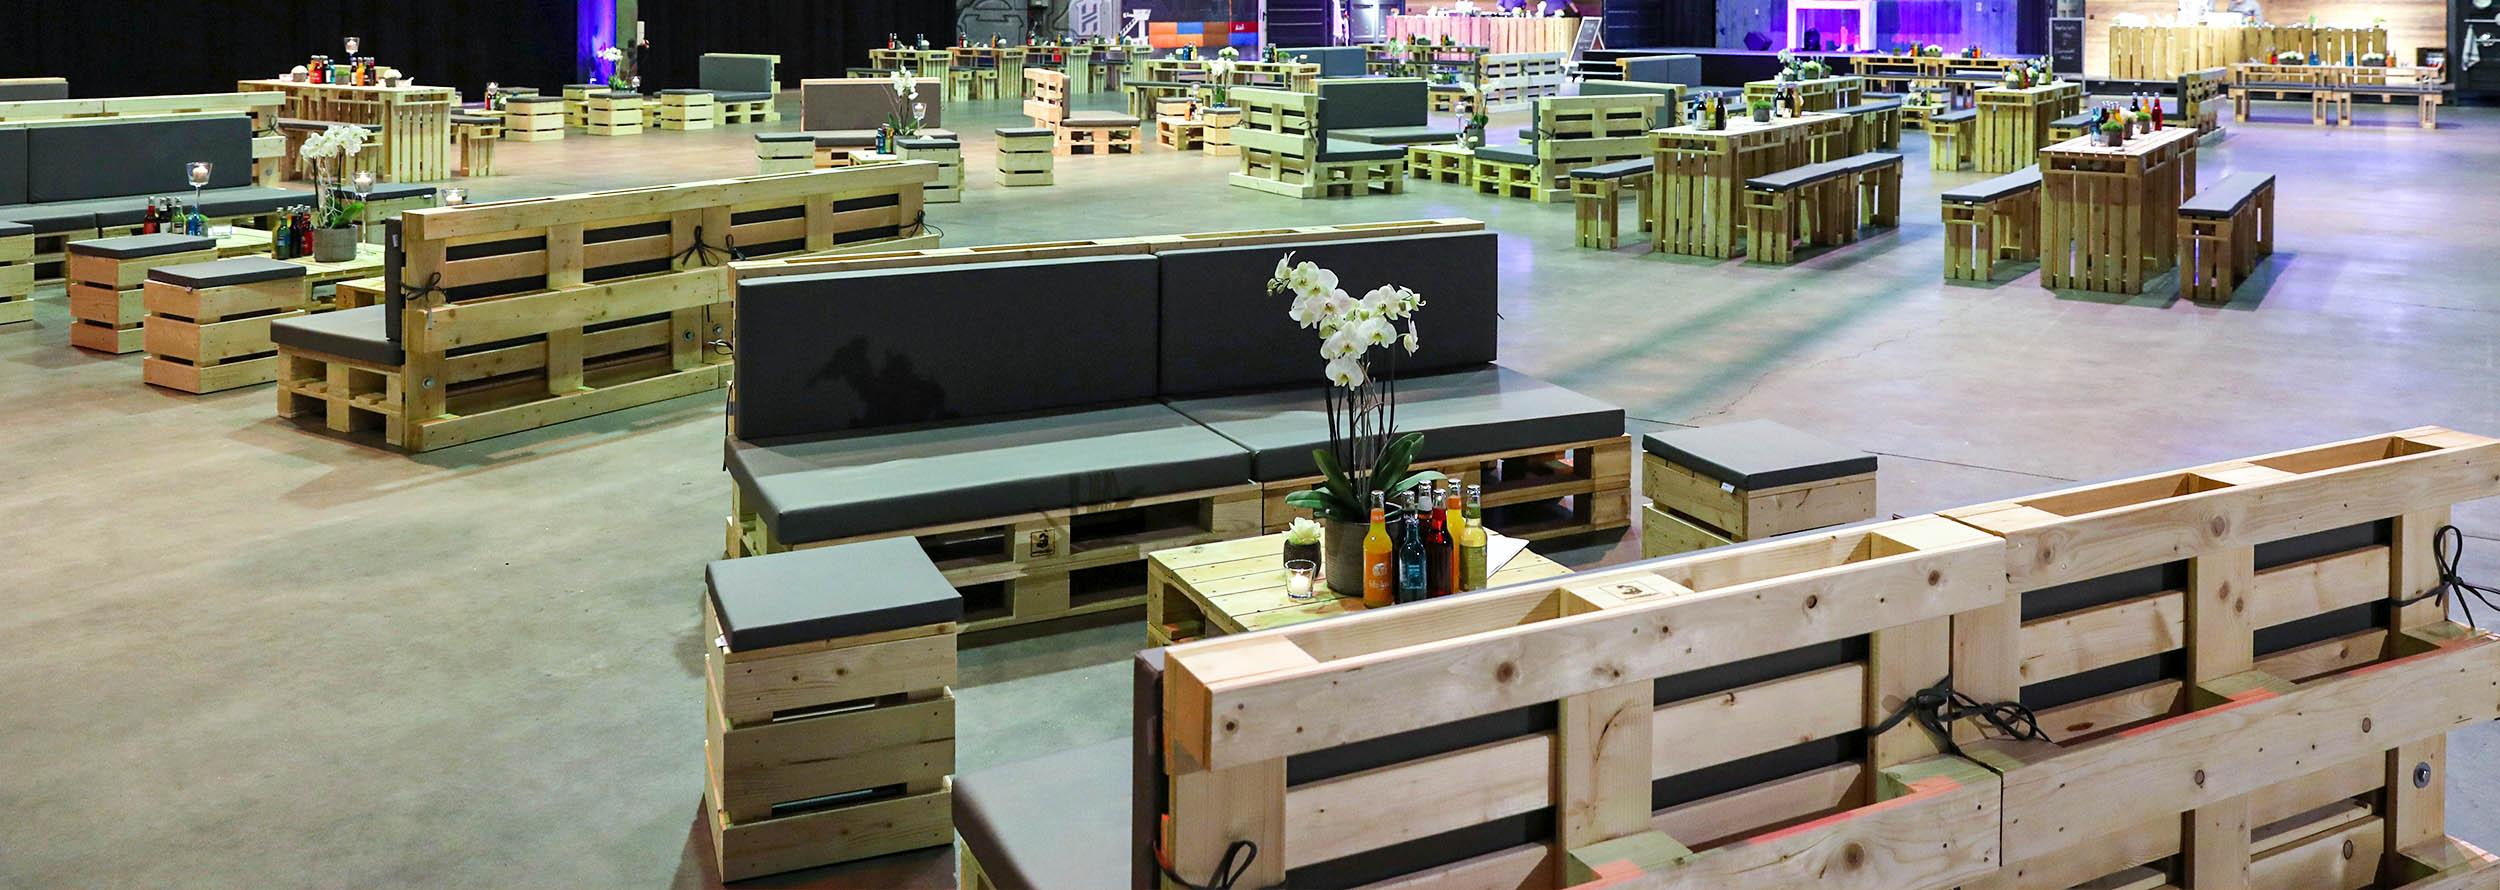 Loungebereiche für Kongresse